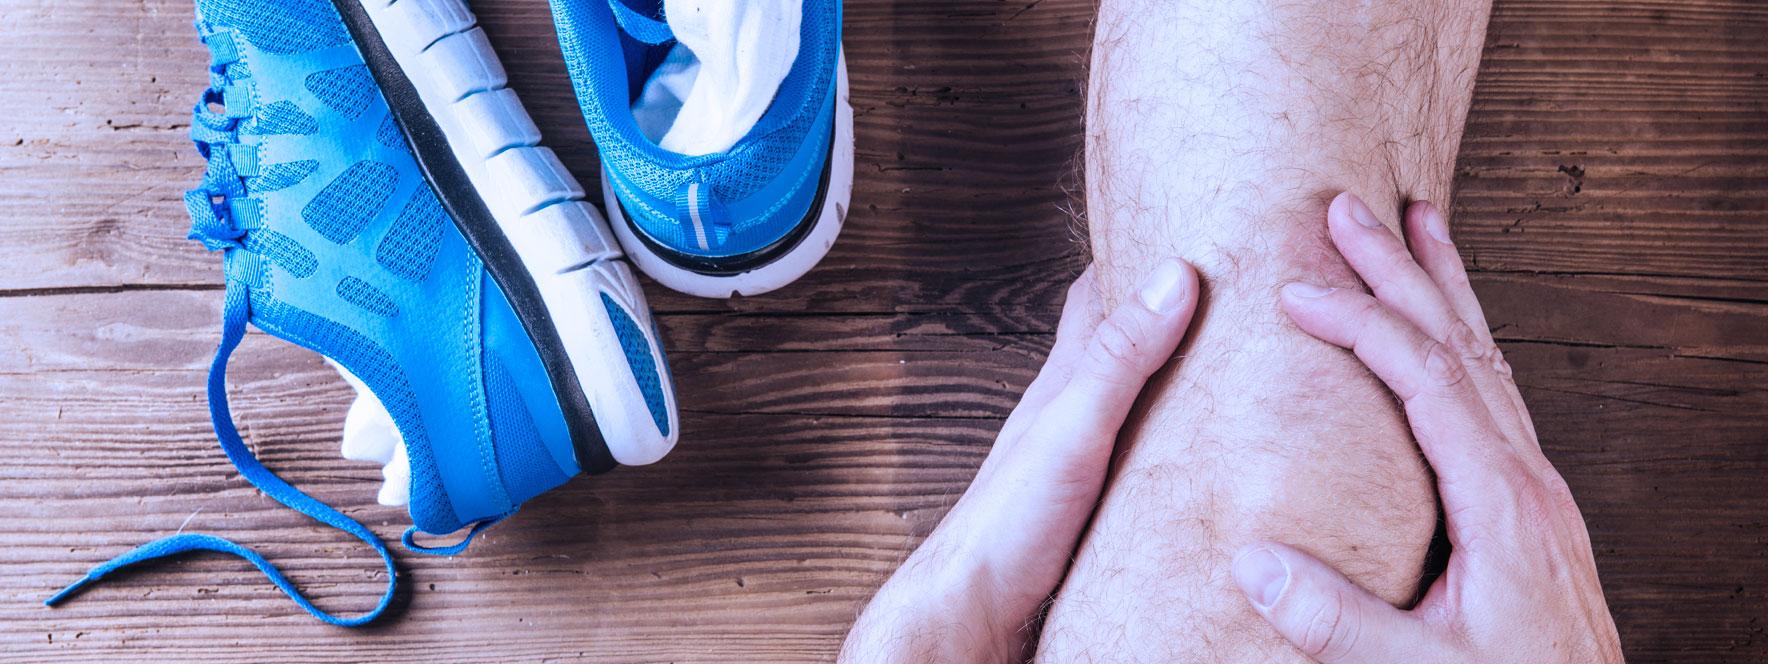 Le syndrome fémoro-patellaire et la massothérapie - Blogue du Réseau